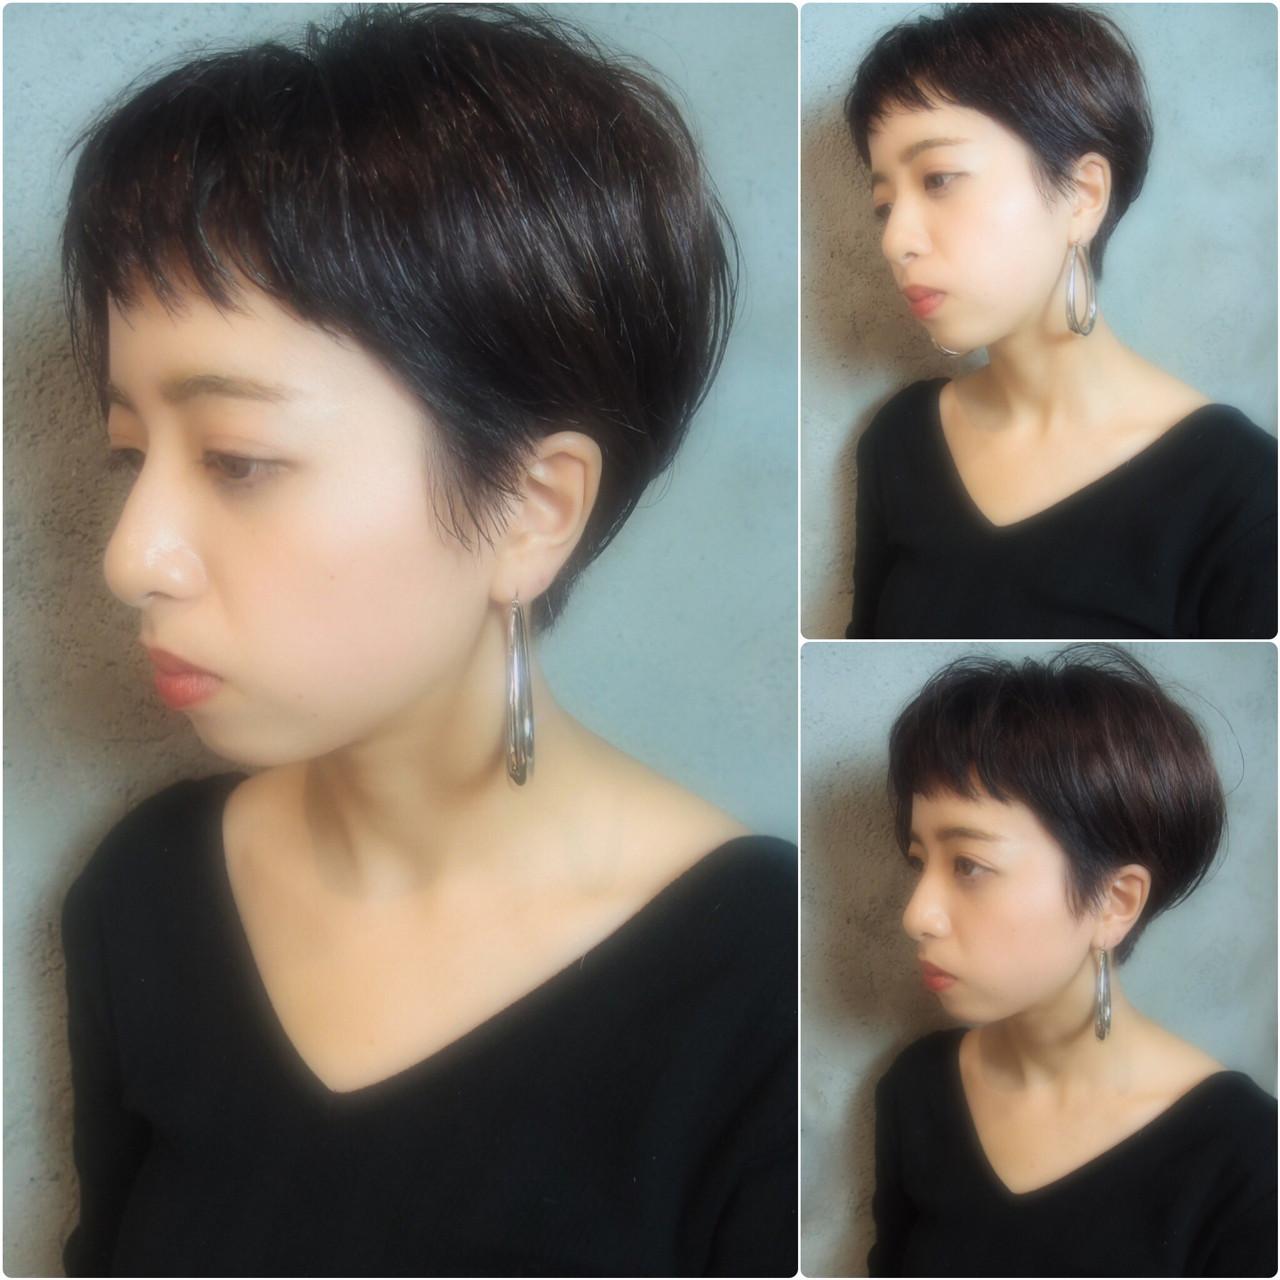 黒髪 ナチュラル ショート マッシュ ヘアスタイルや髪型の写真・画像